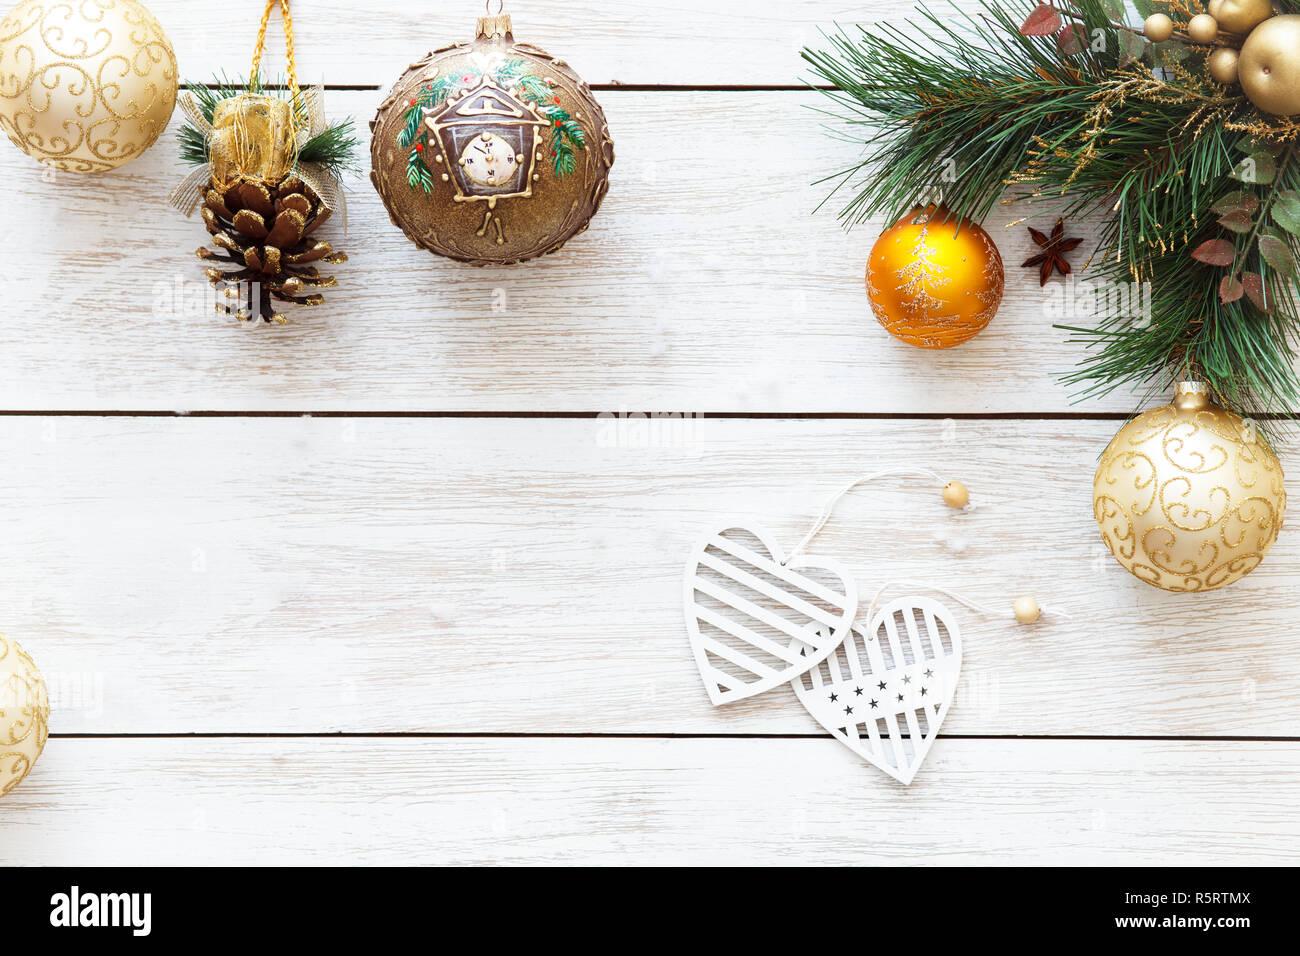 Winterurlaub Weihnachten 2019.Weihnachten Kugeln Und Herzen Auf Frohe Weihnachten Ein Glückliches